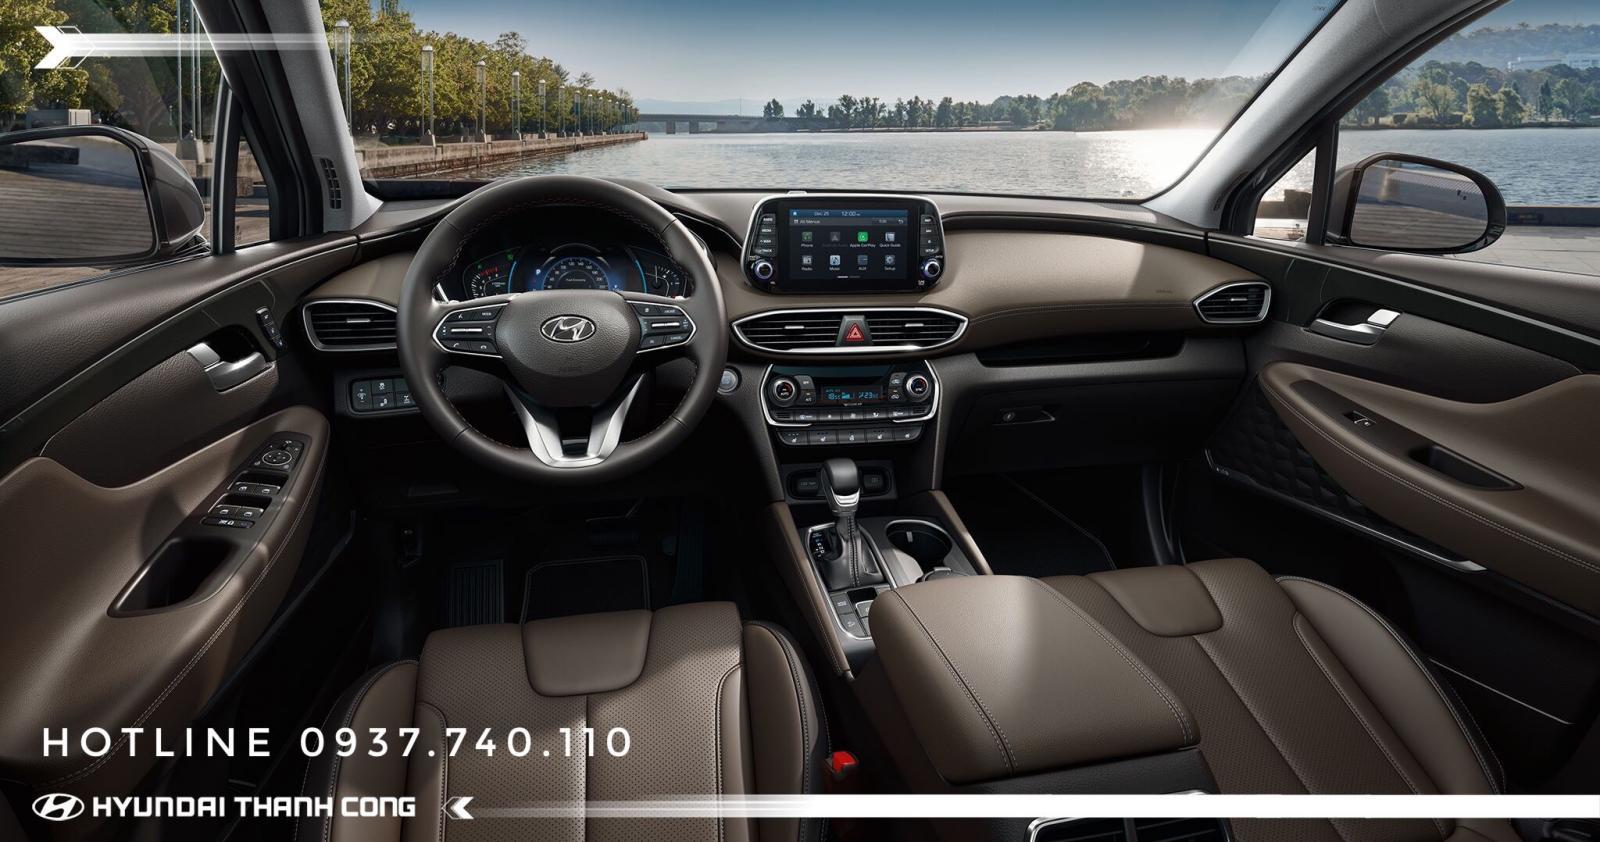 Bán xe Hyundai Santa Fe 2019, màu đen. Xe giao ngay